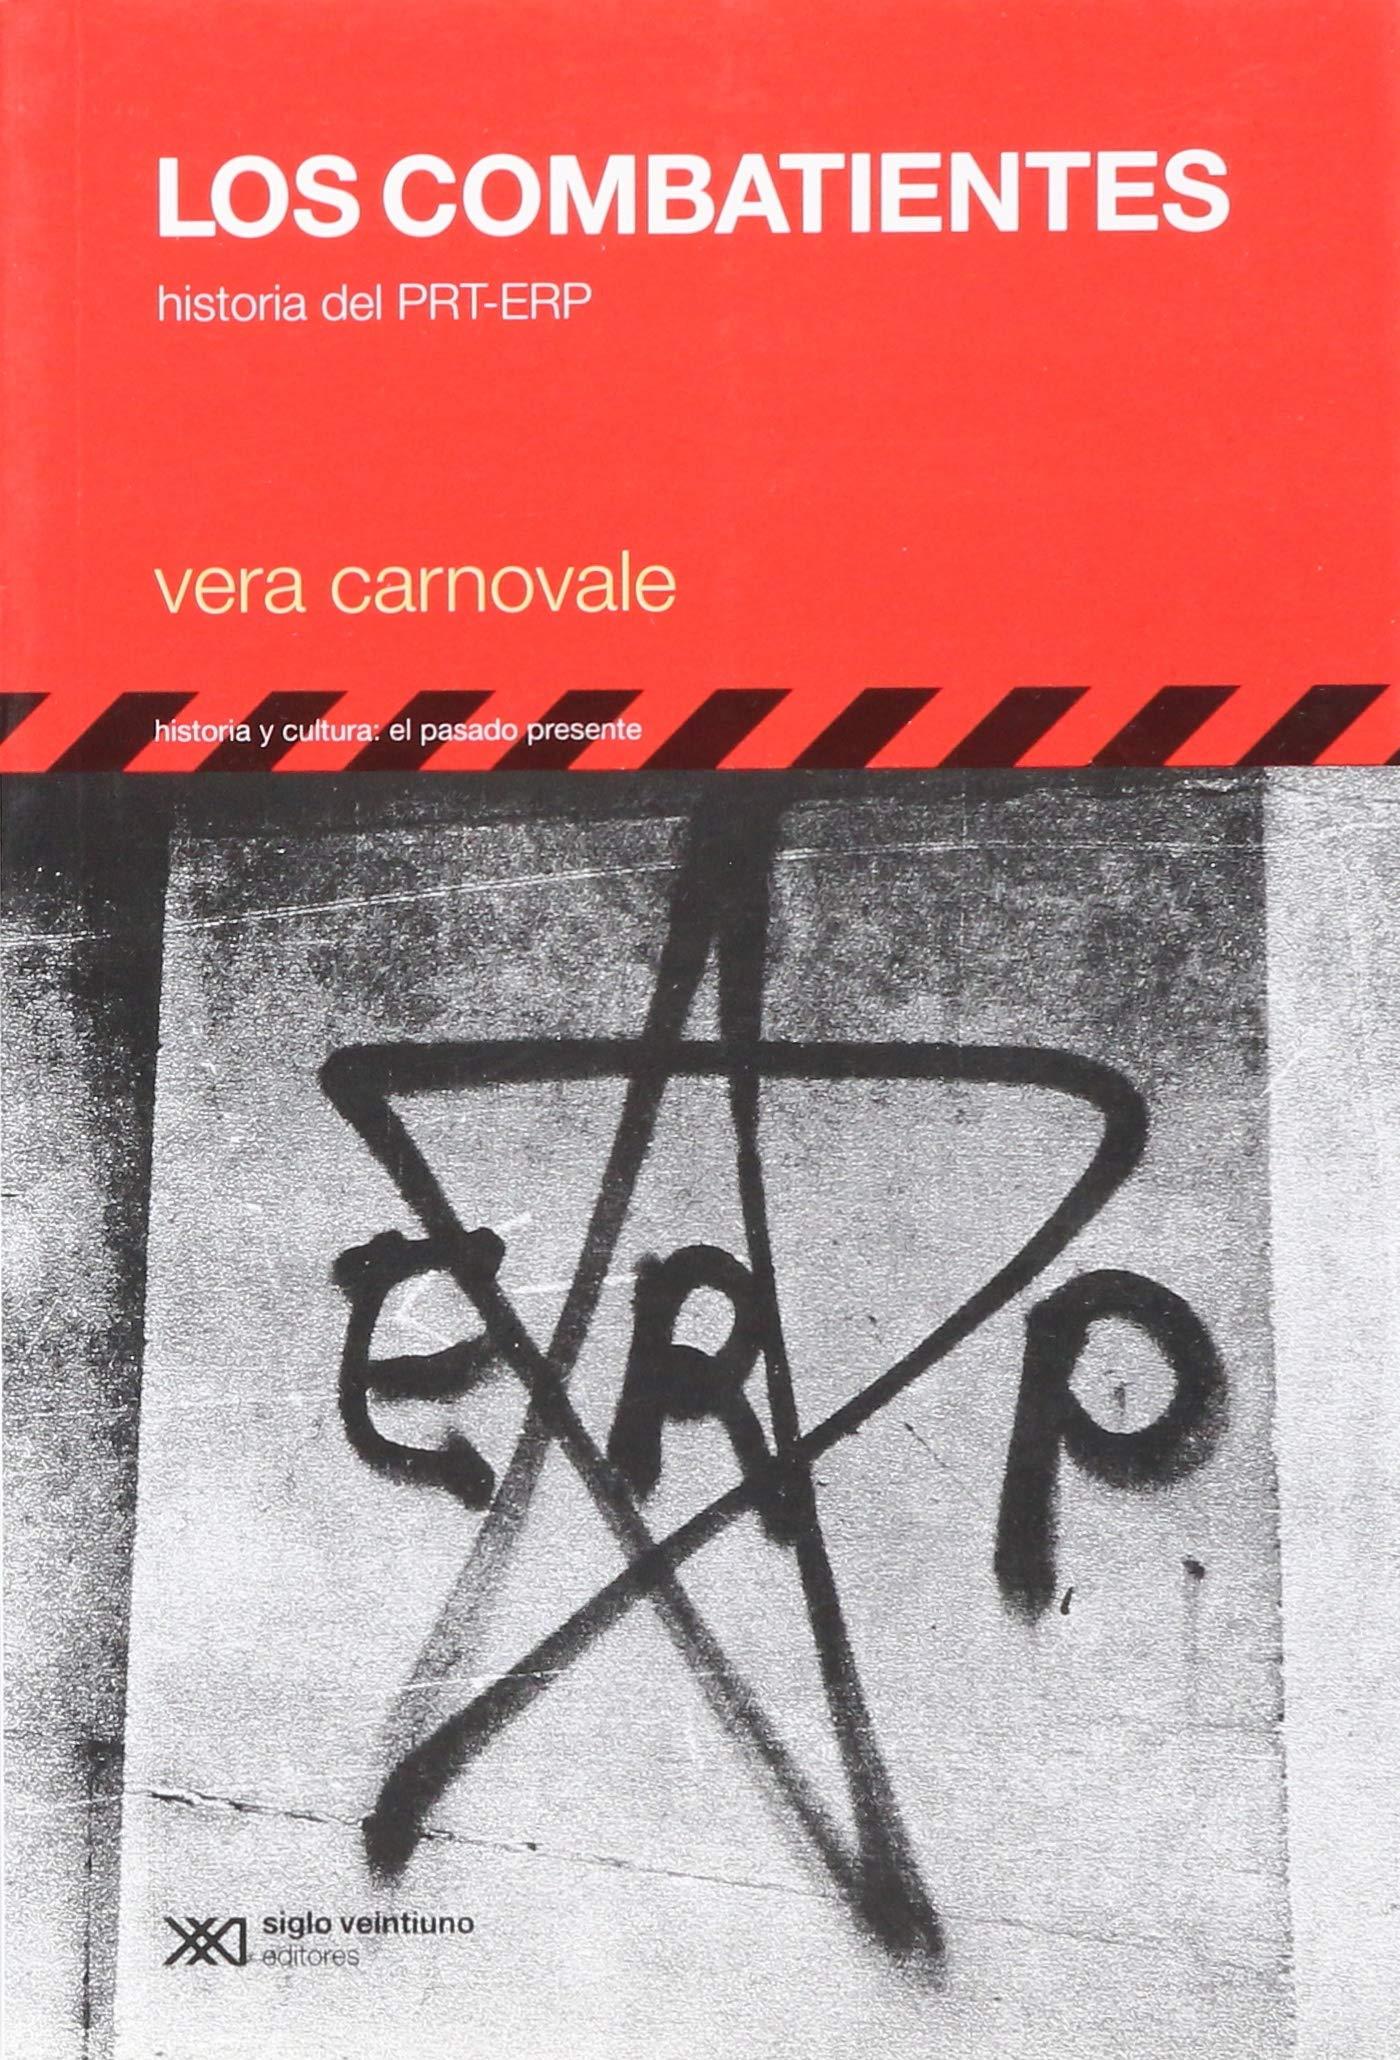 Read e-book Los combatientes (Spanish Edition)